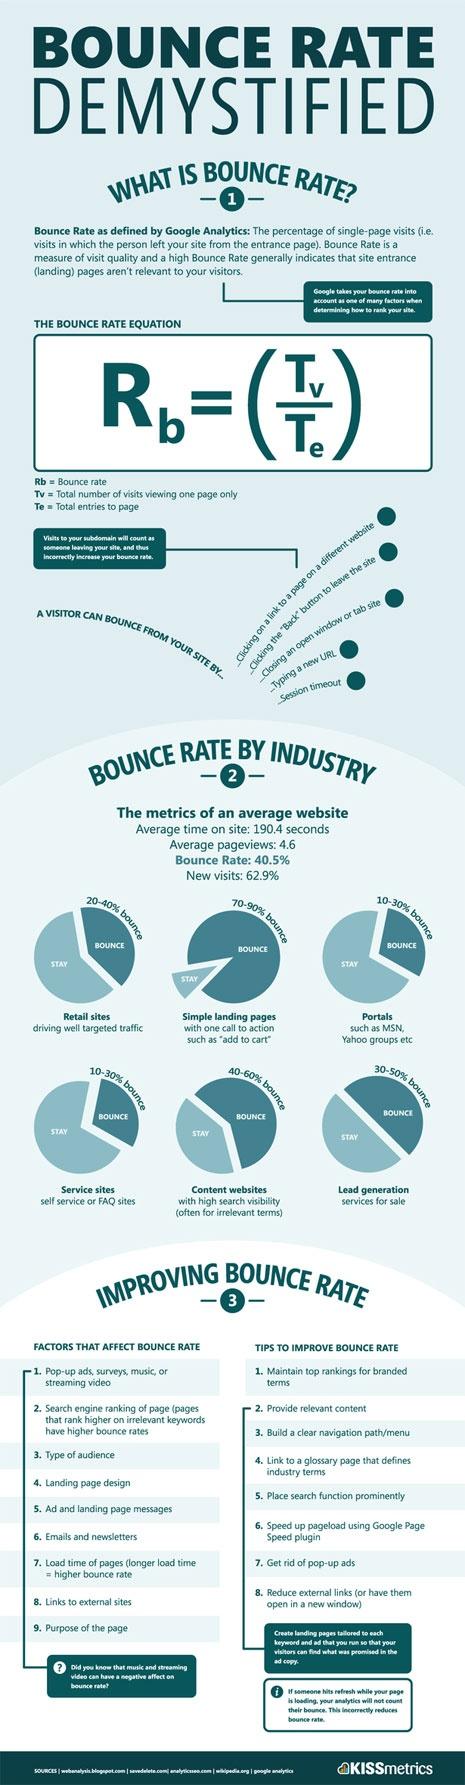 Vamos a entender lo que es el Bounce Rate o tasa de rebote